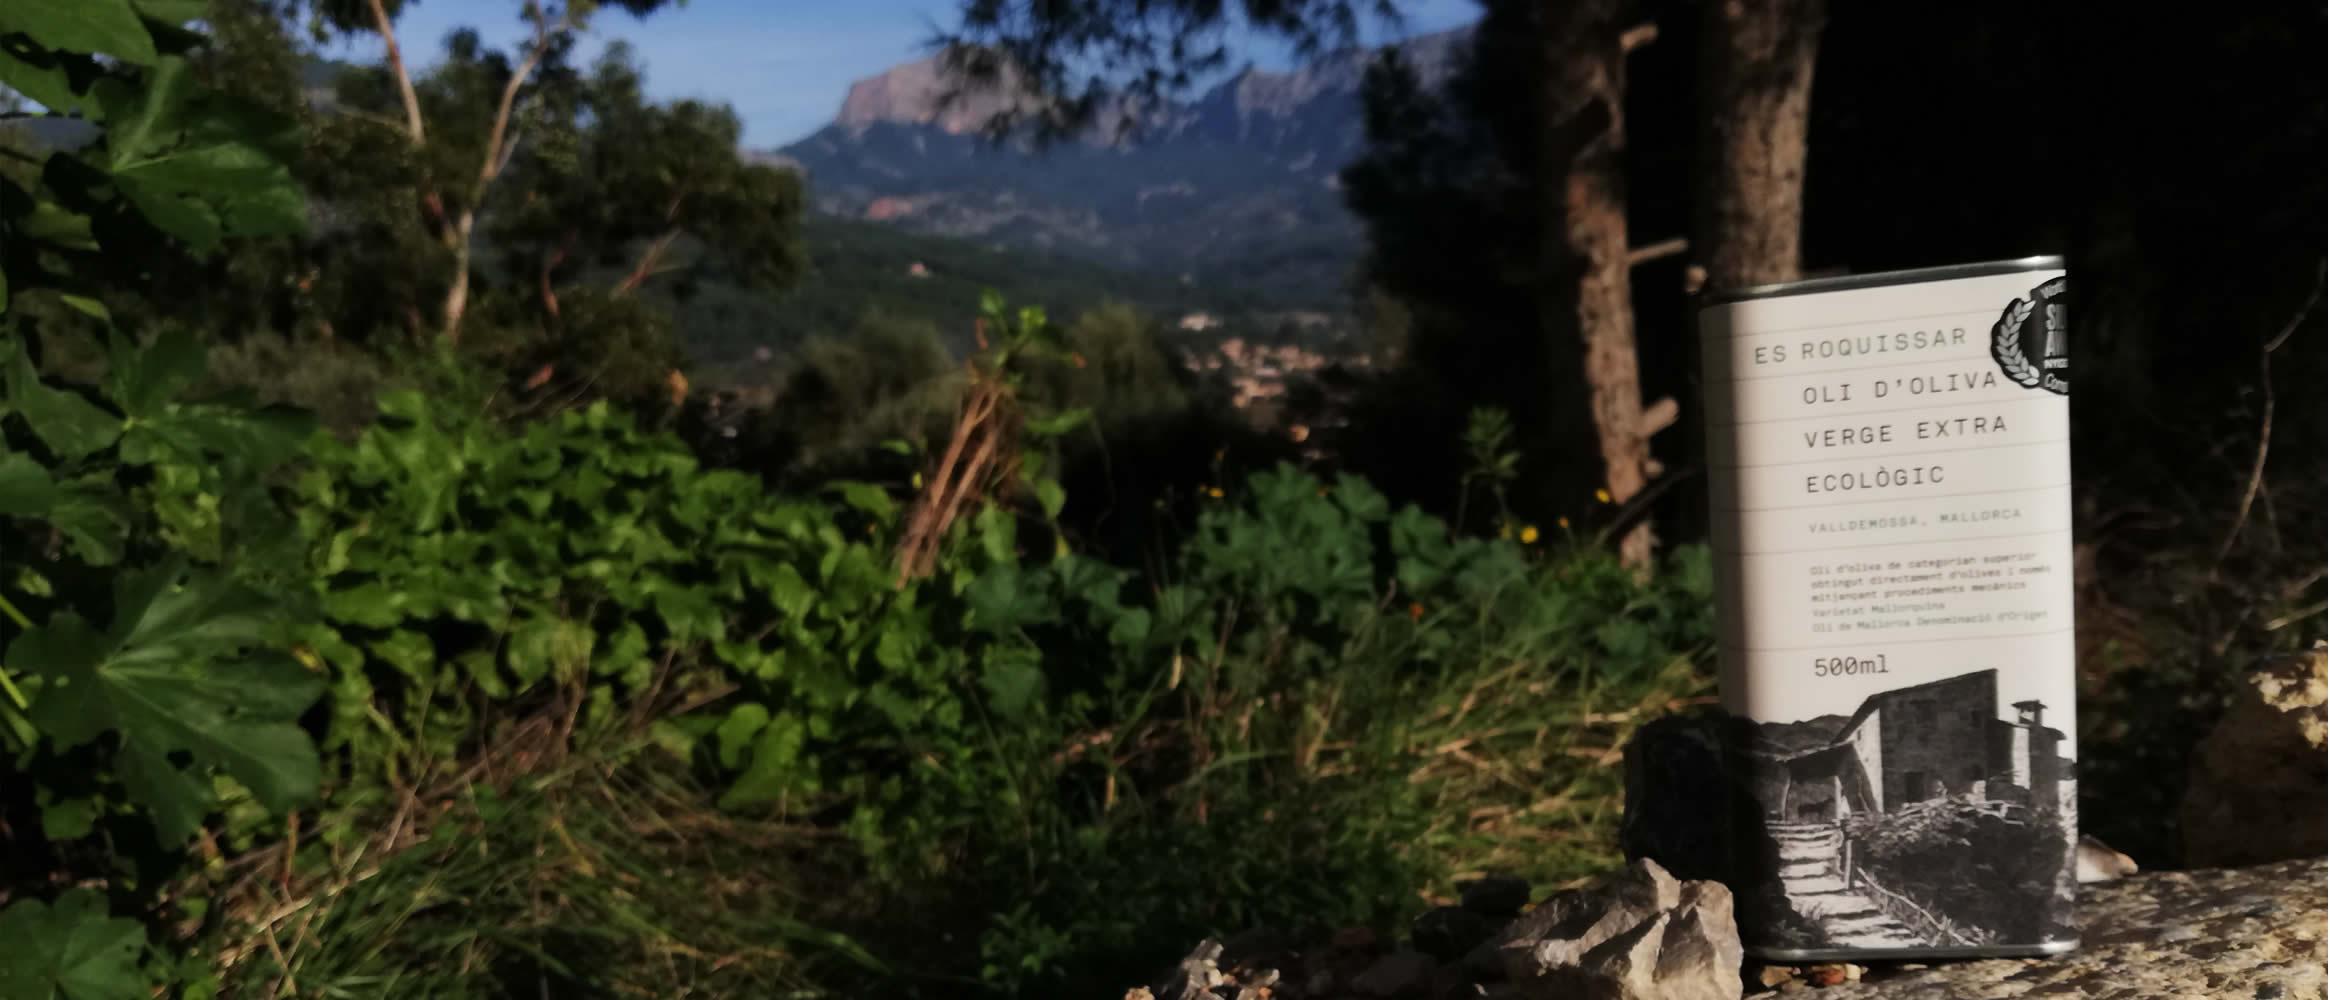 Es Roquissar Aceite de Oliva Virgen extra ecológico